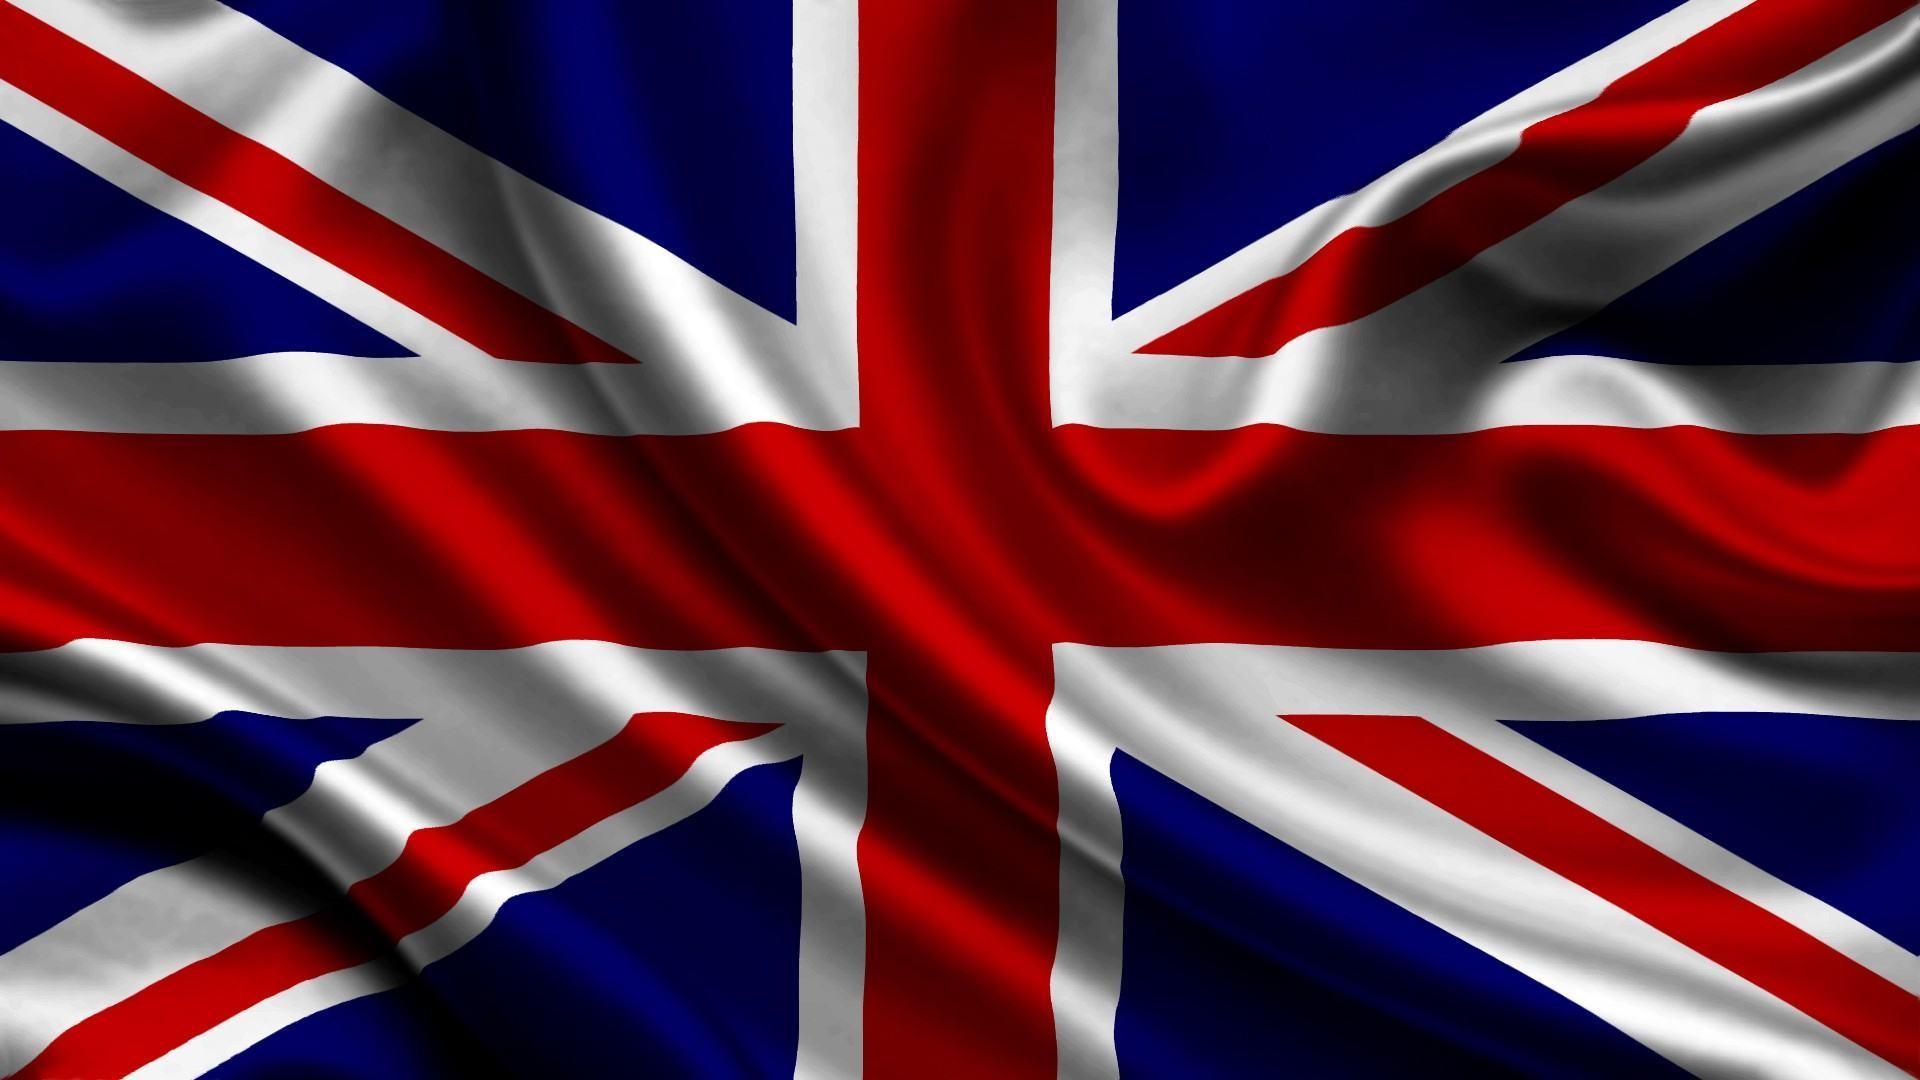 united kingdom flag wallpaper 61 images